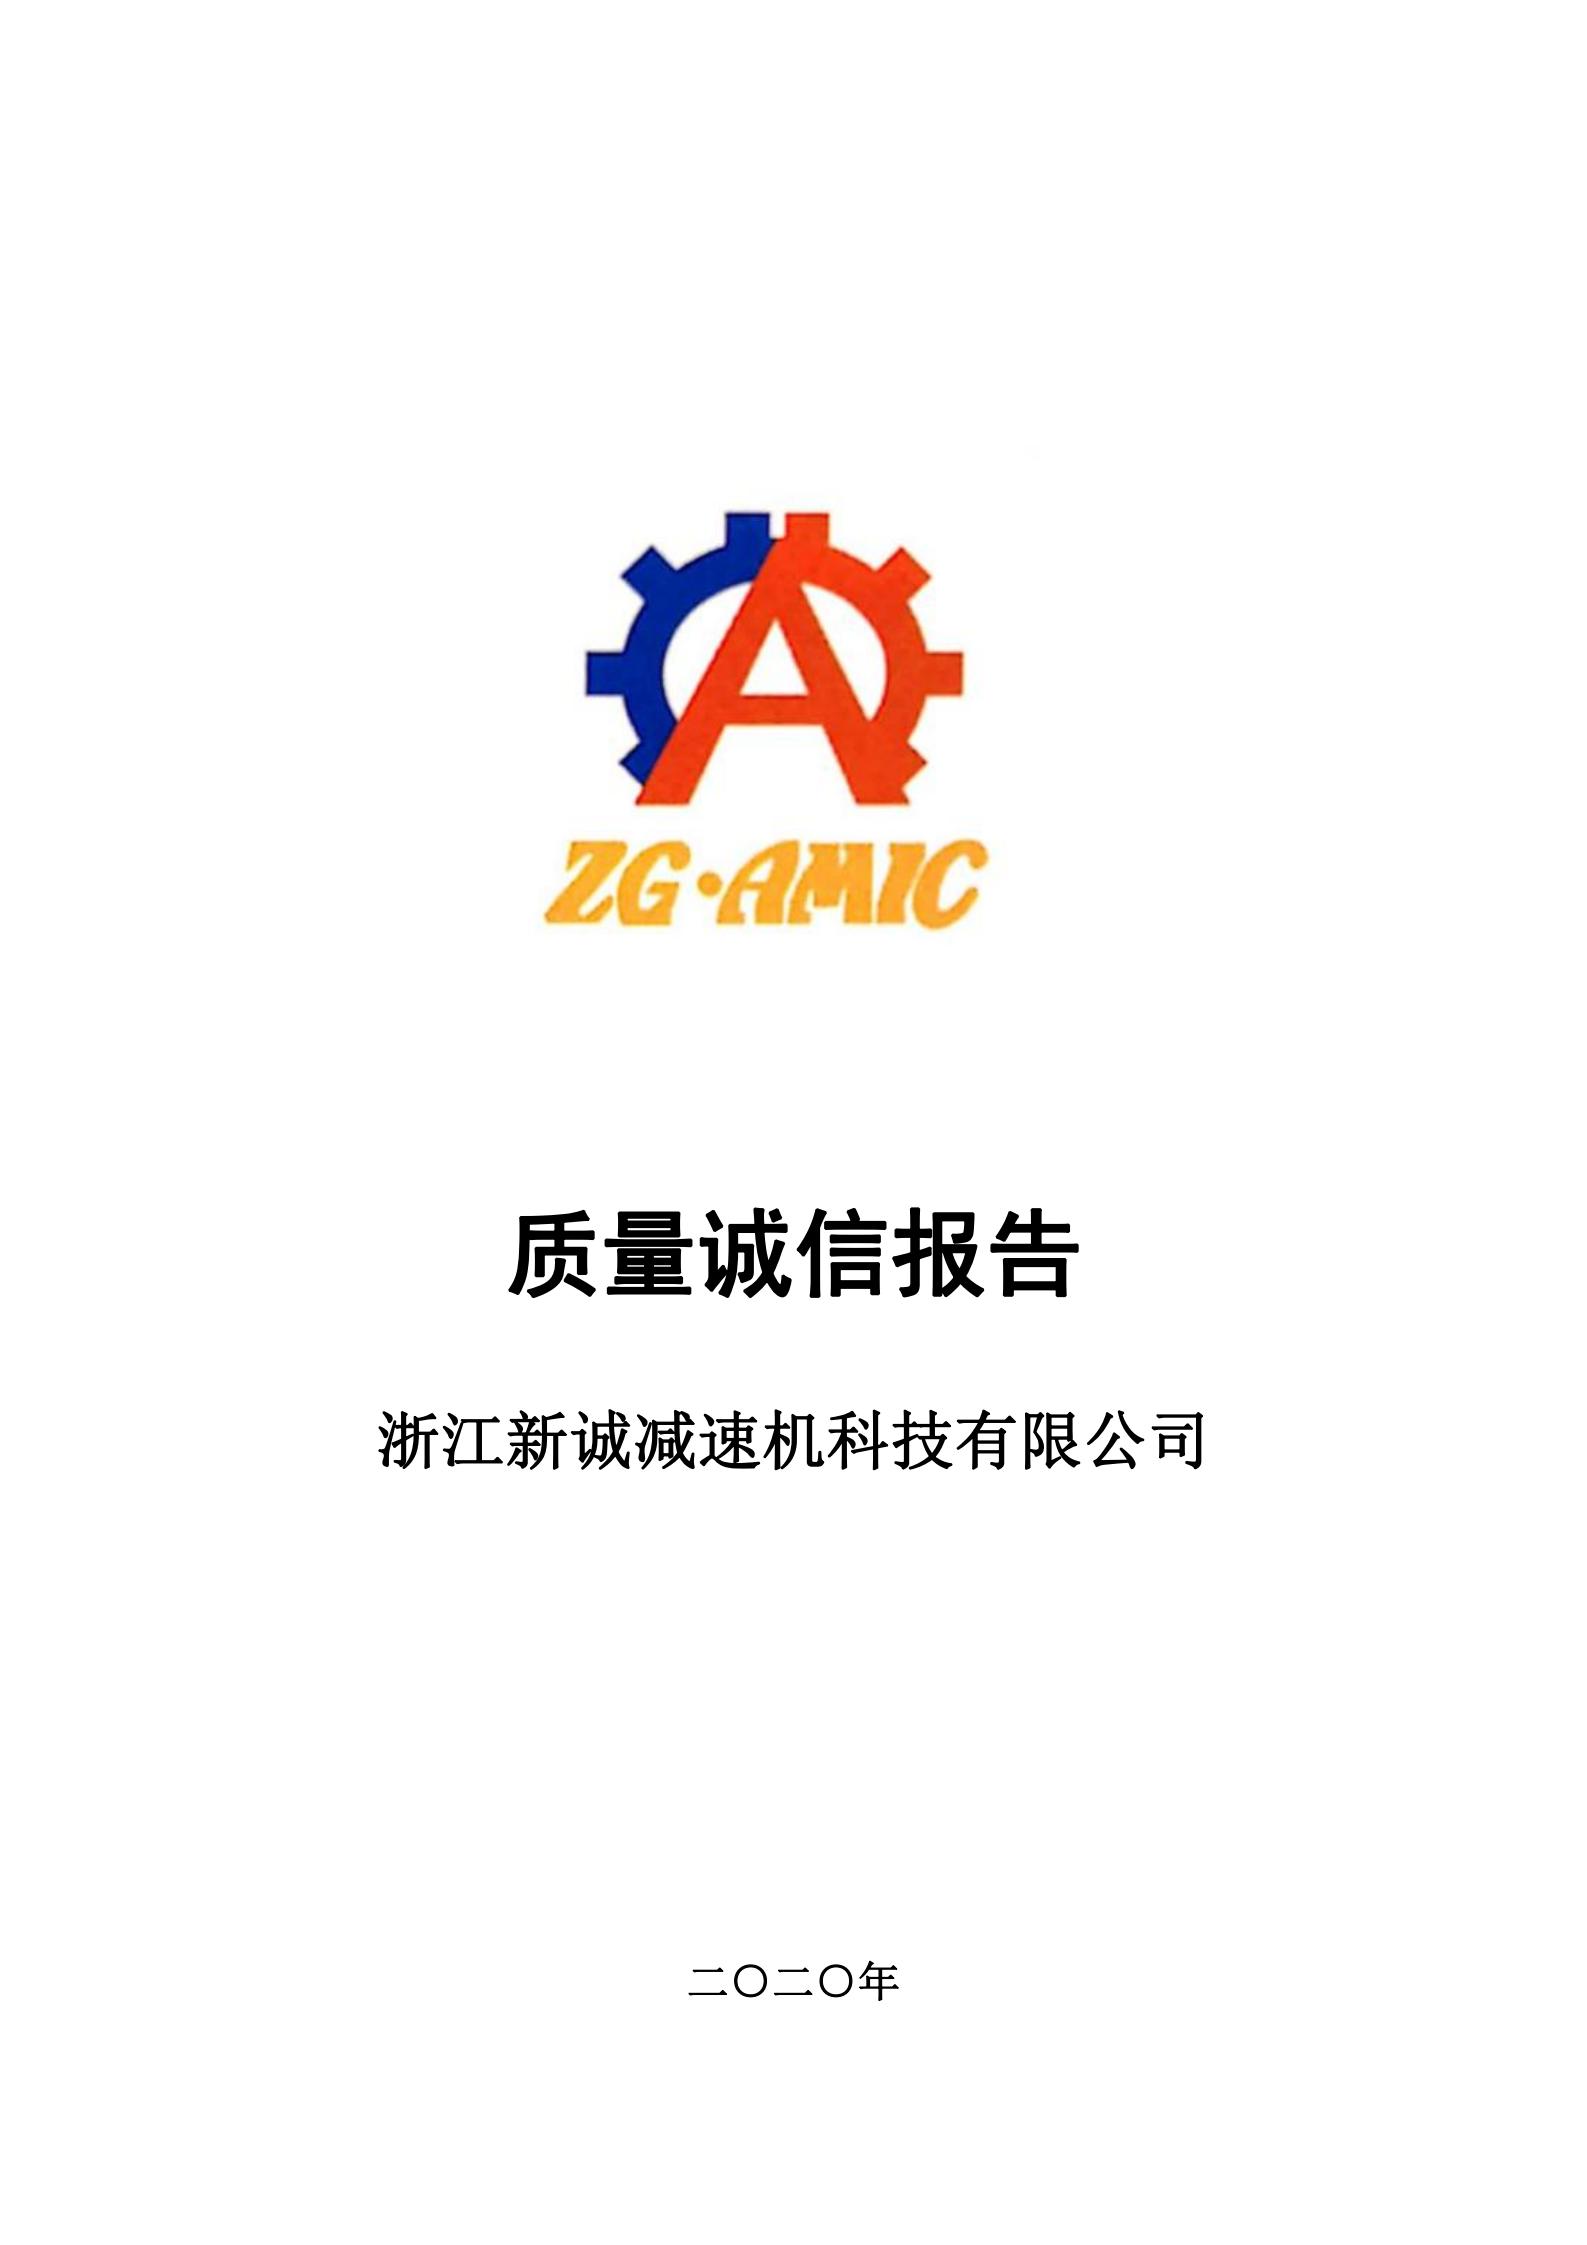 浙江新诚减速机科技有限公司-质量诚信报告(1)_00.png